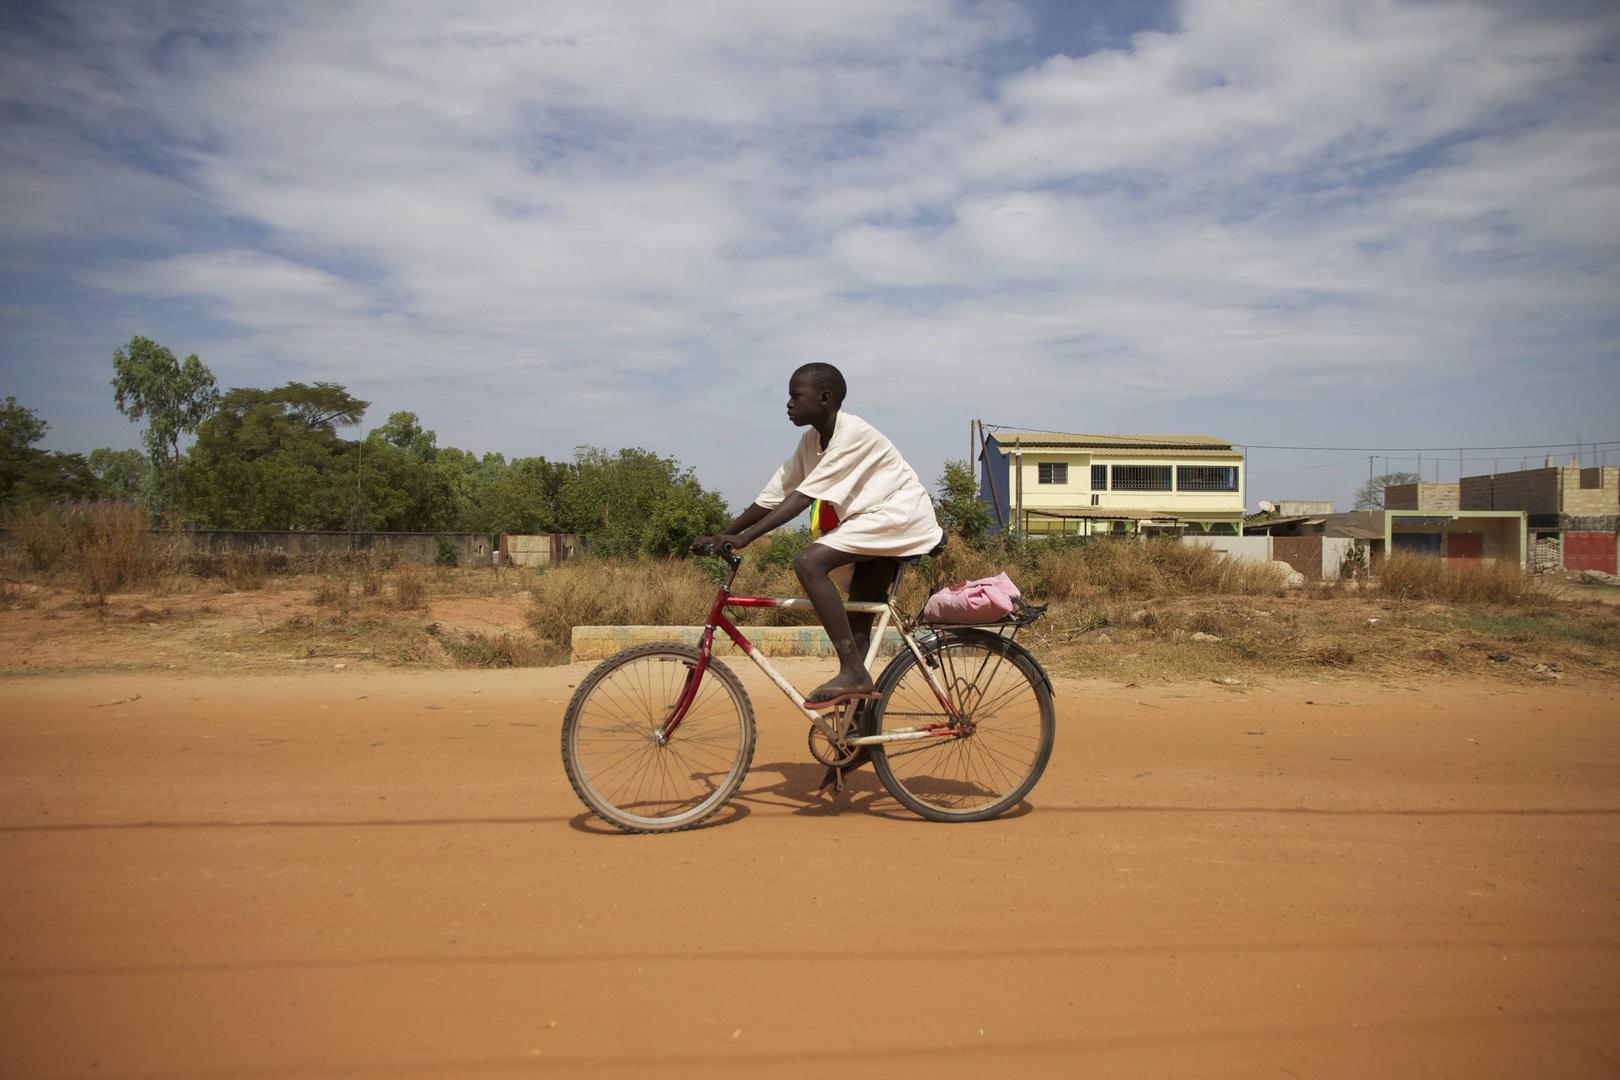 Garçon sur le vélo